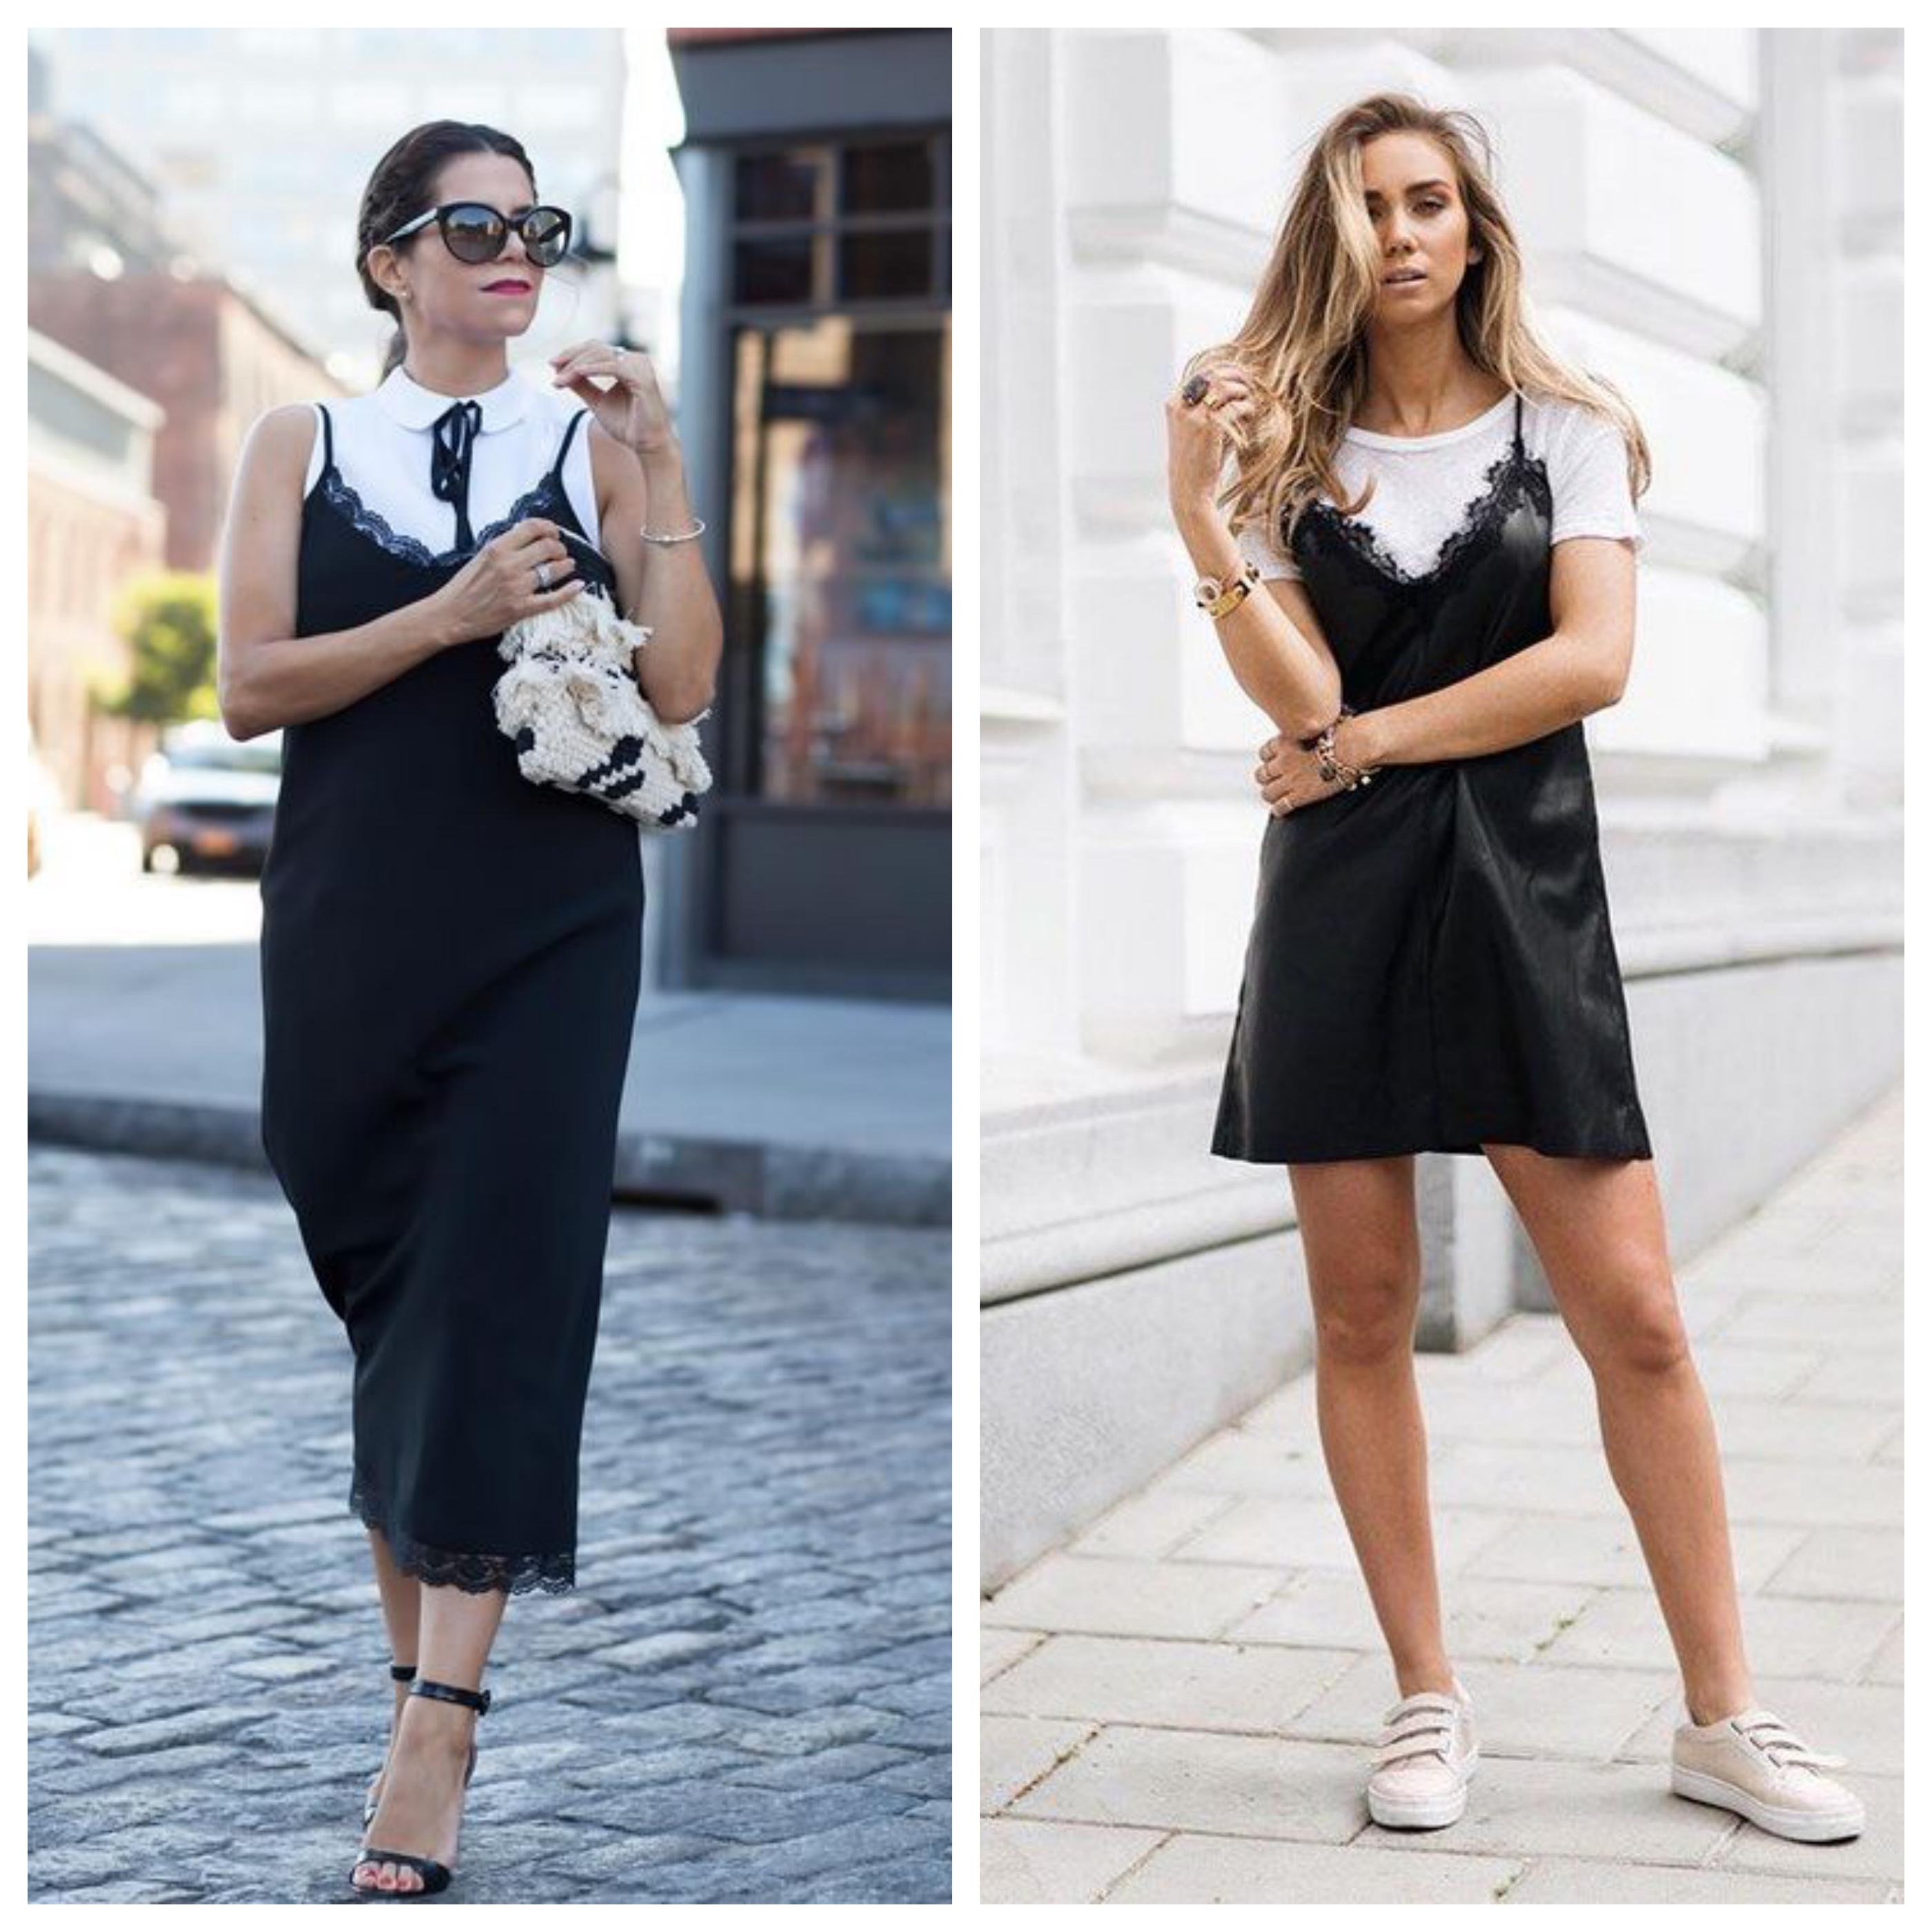 Маленькое черное платье в бельевом стиле под майку